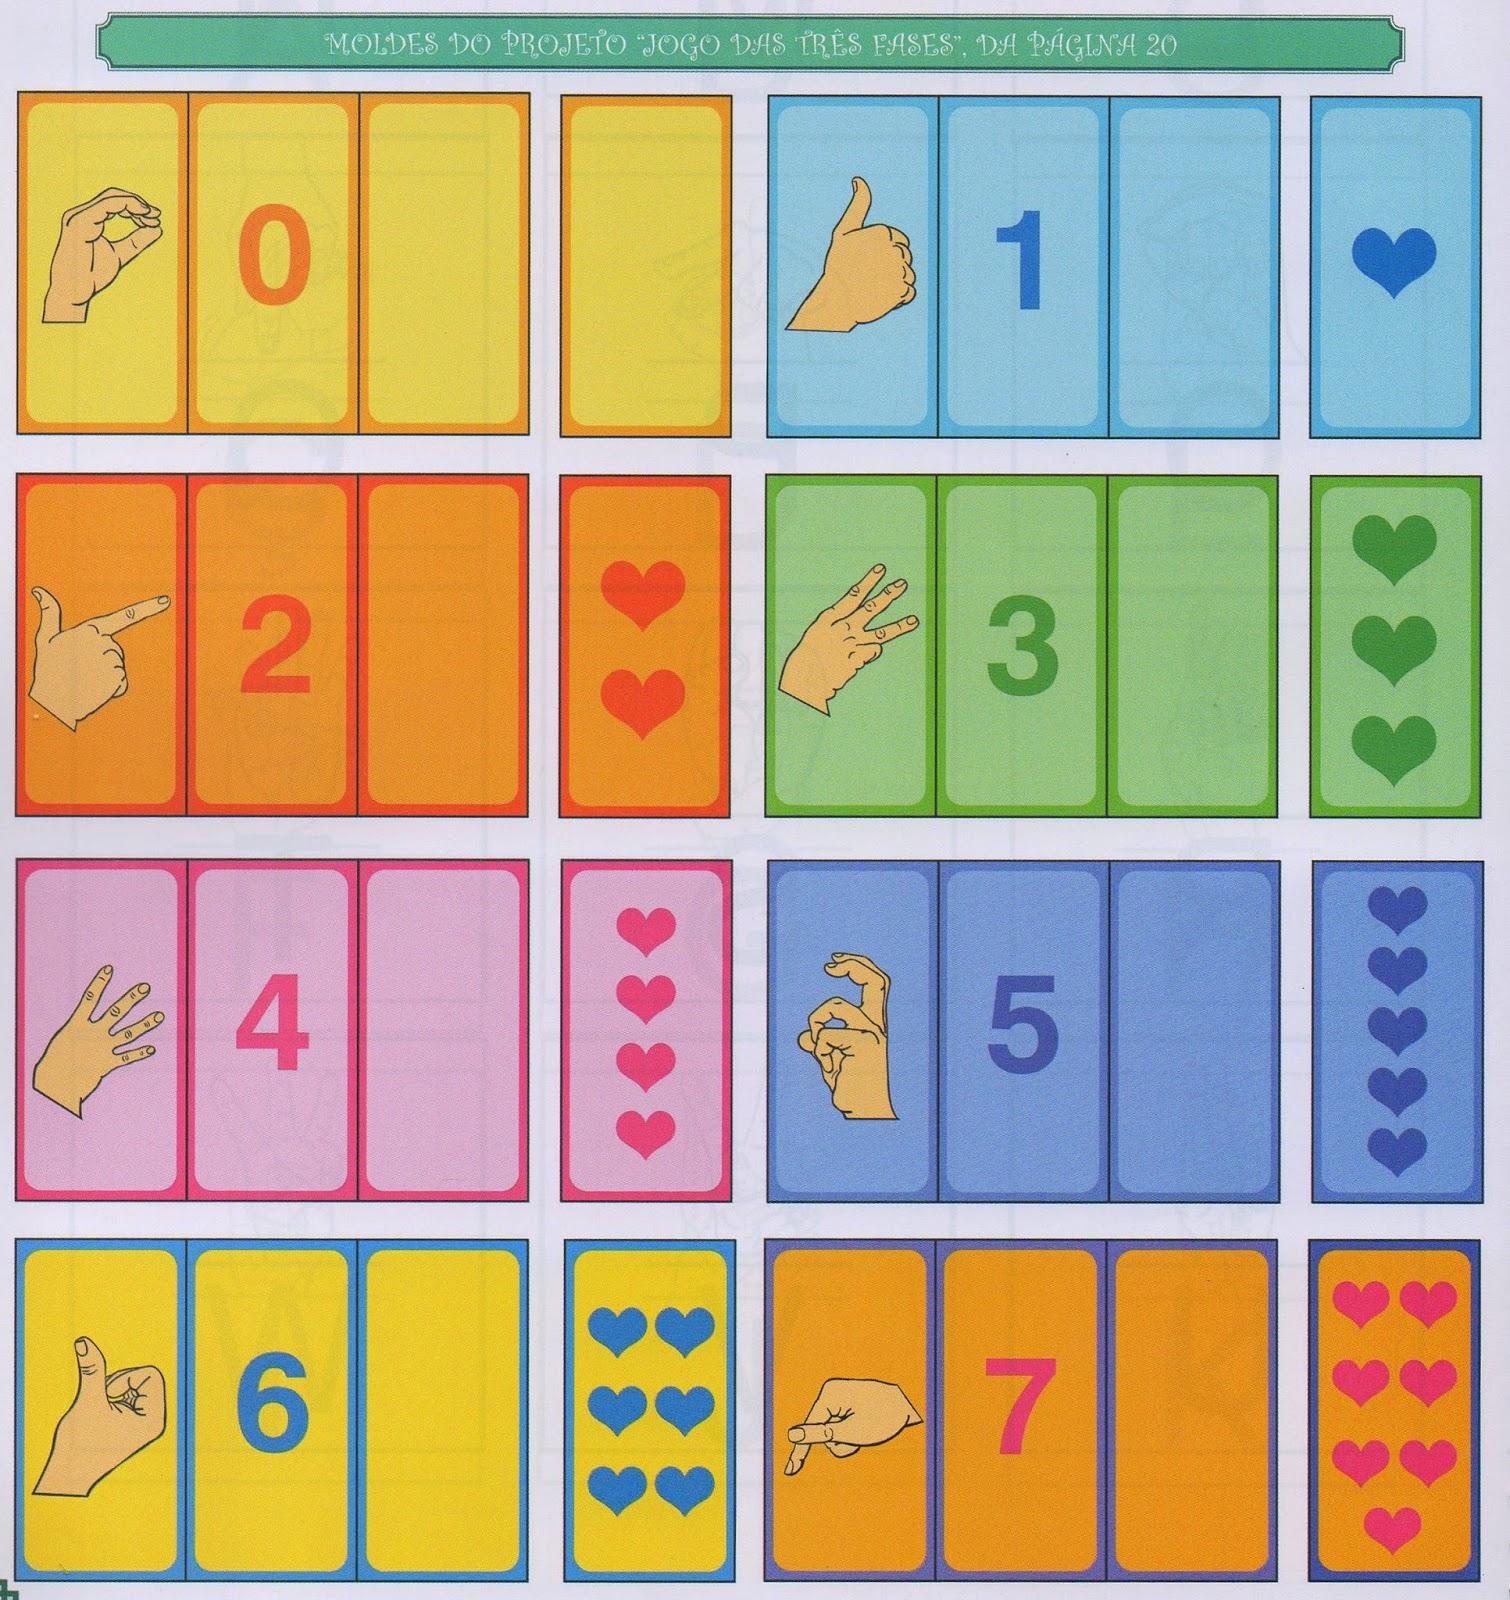 Idéias Para ensinar Surdos: Jogo Números sinal quantidade em Libras #B46D17 1510 1600